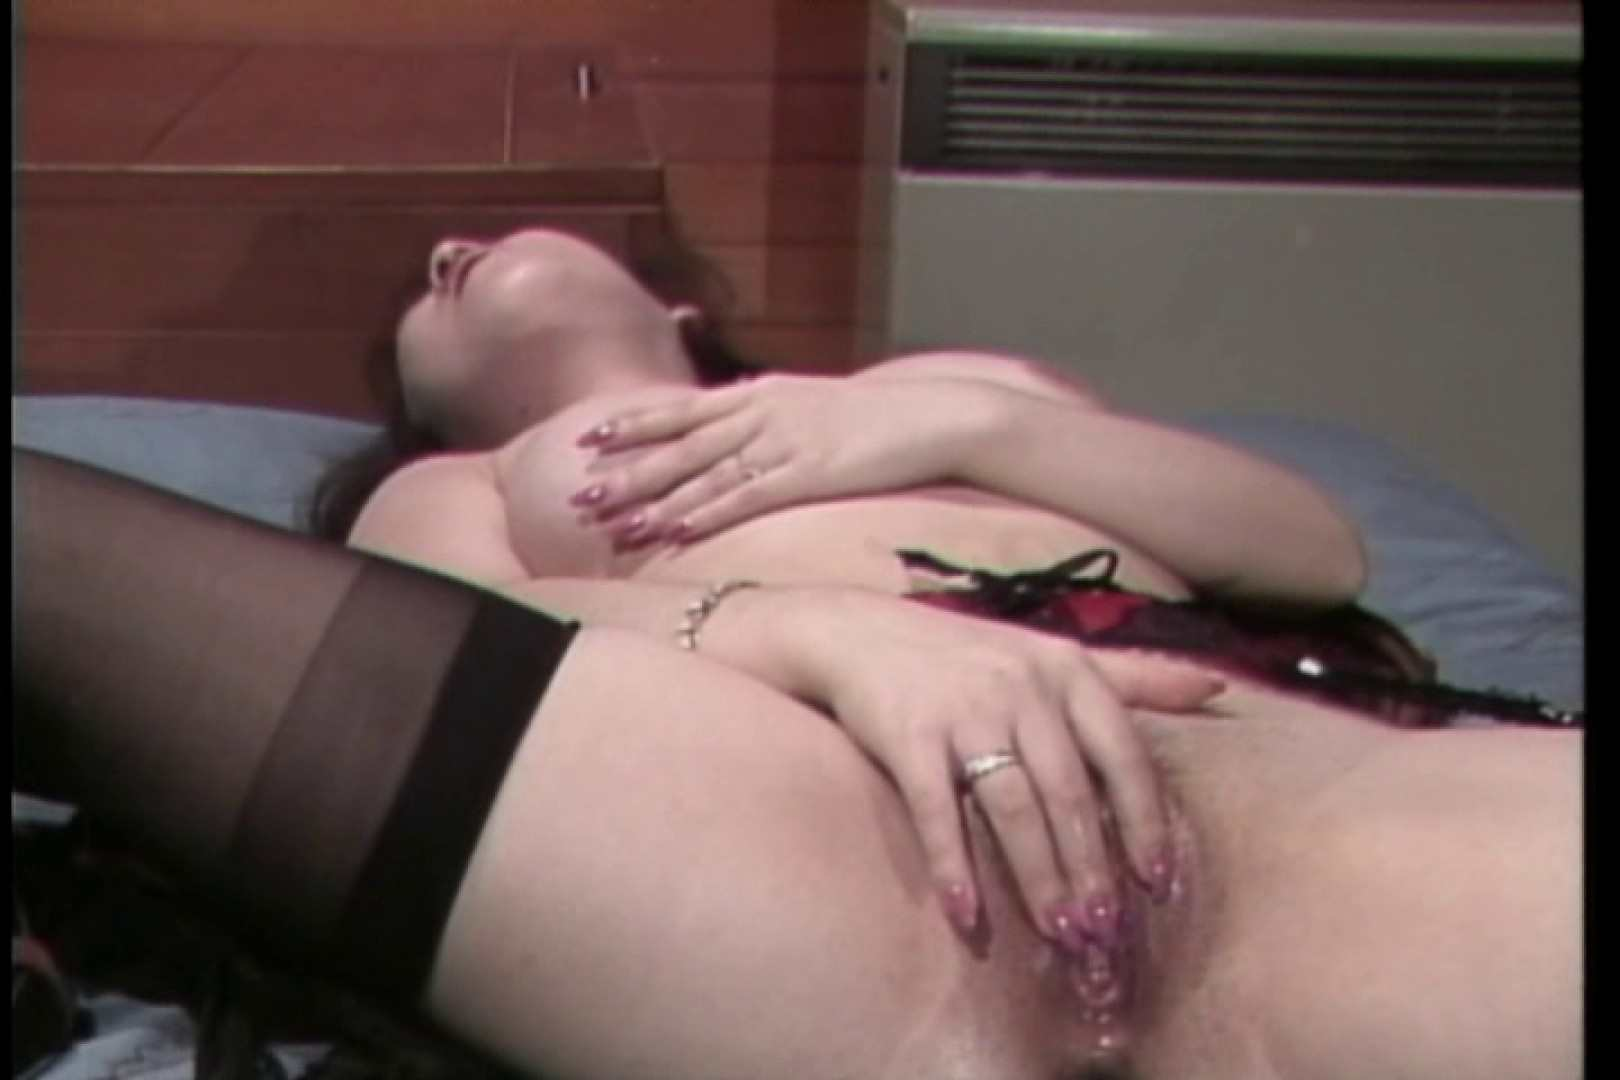 変態亜美のアブノーマルな世界・前編~夢野亜美~ オナニー特集   巨乳デカ乳  112画像 104